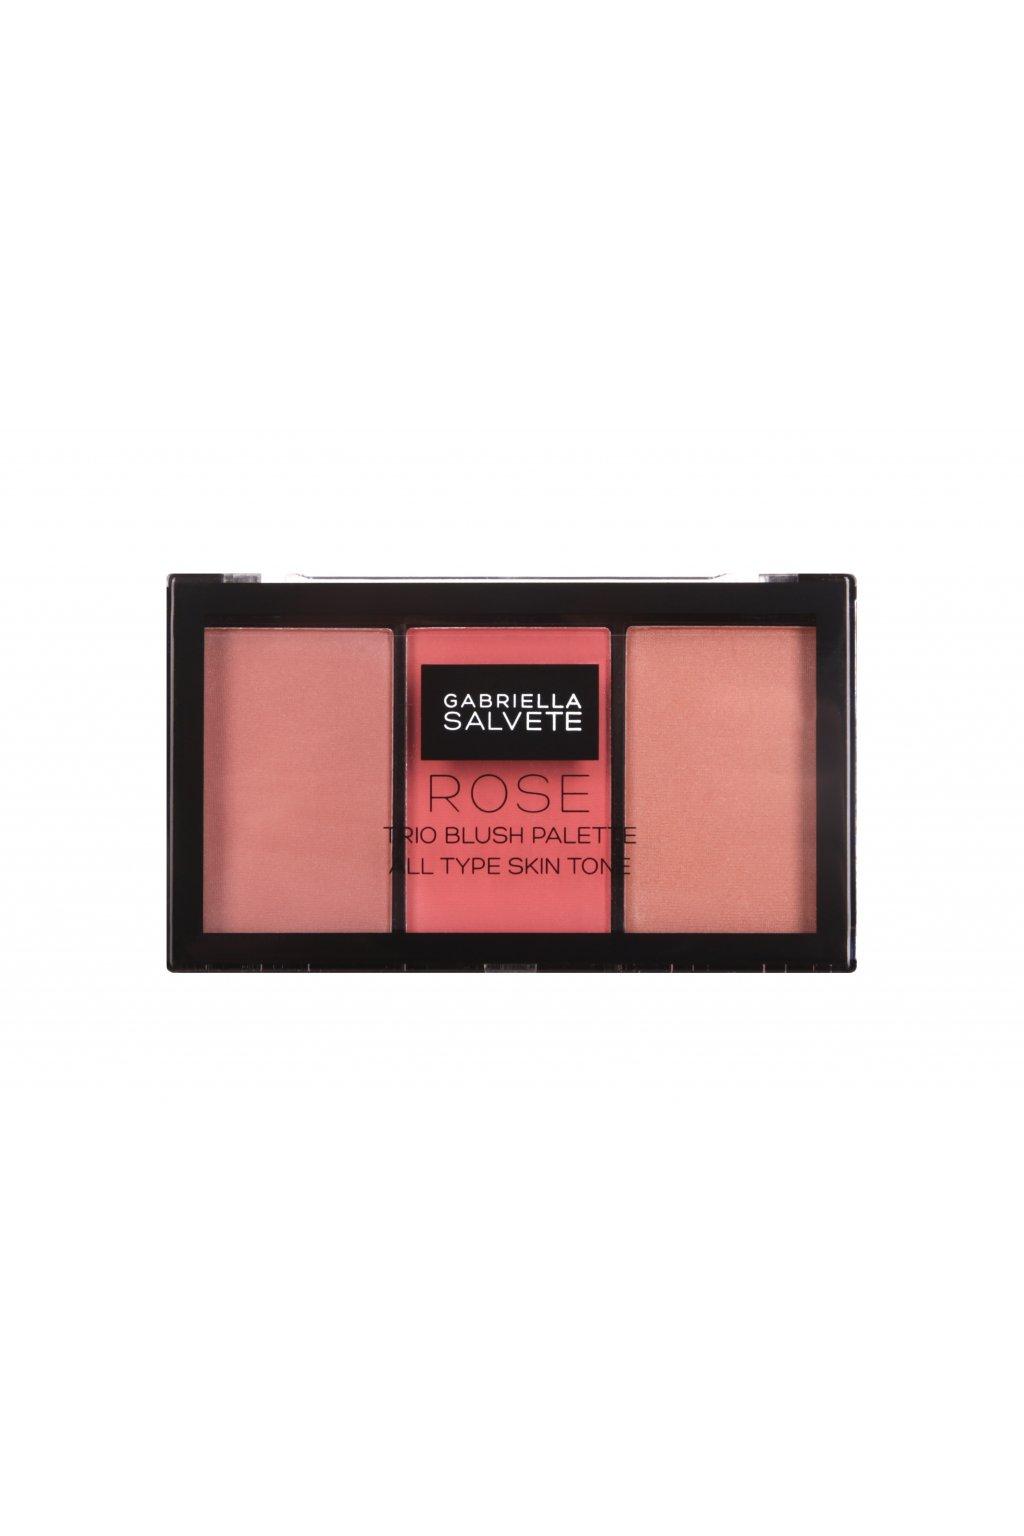 gabriella salvete trio blush palette tvarenka pro zeny 15 g odstin 02 rose